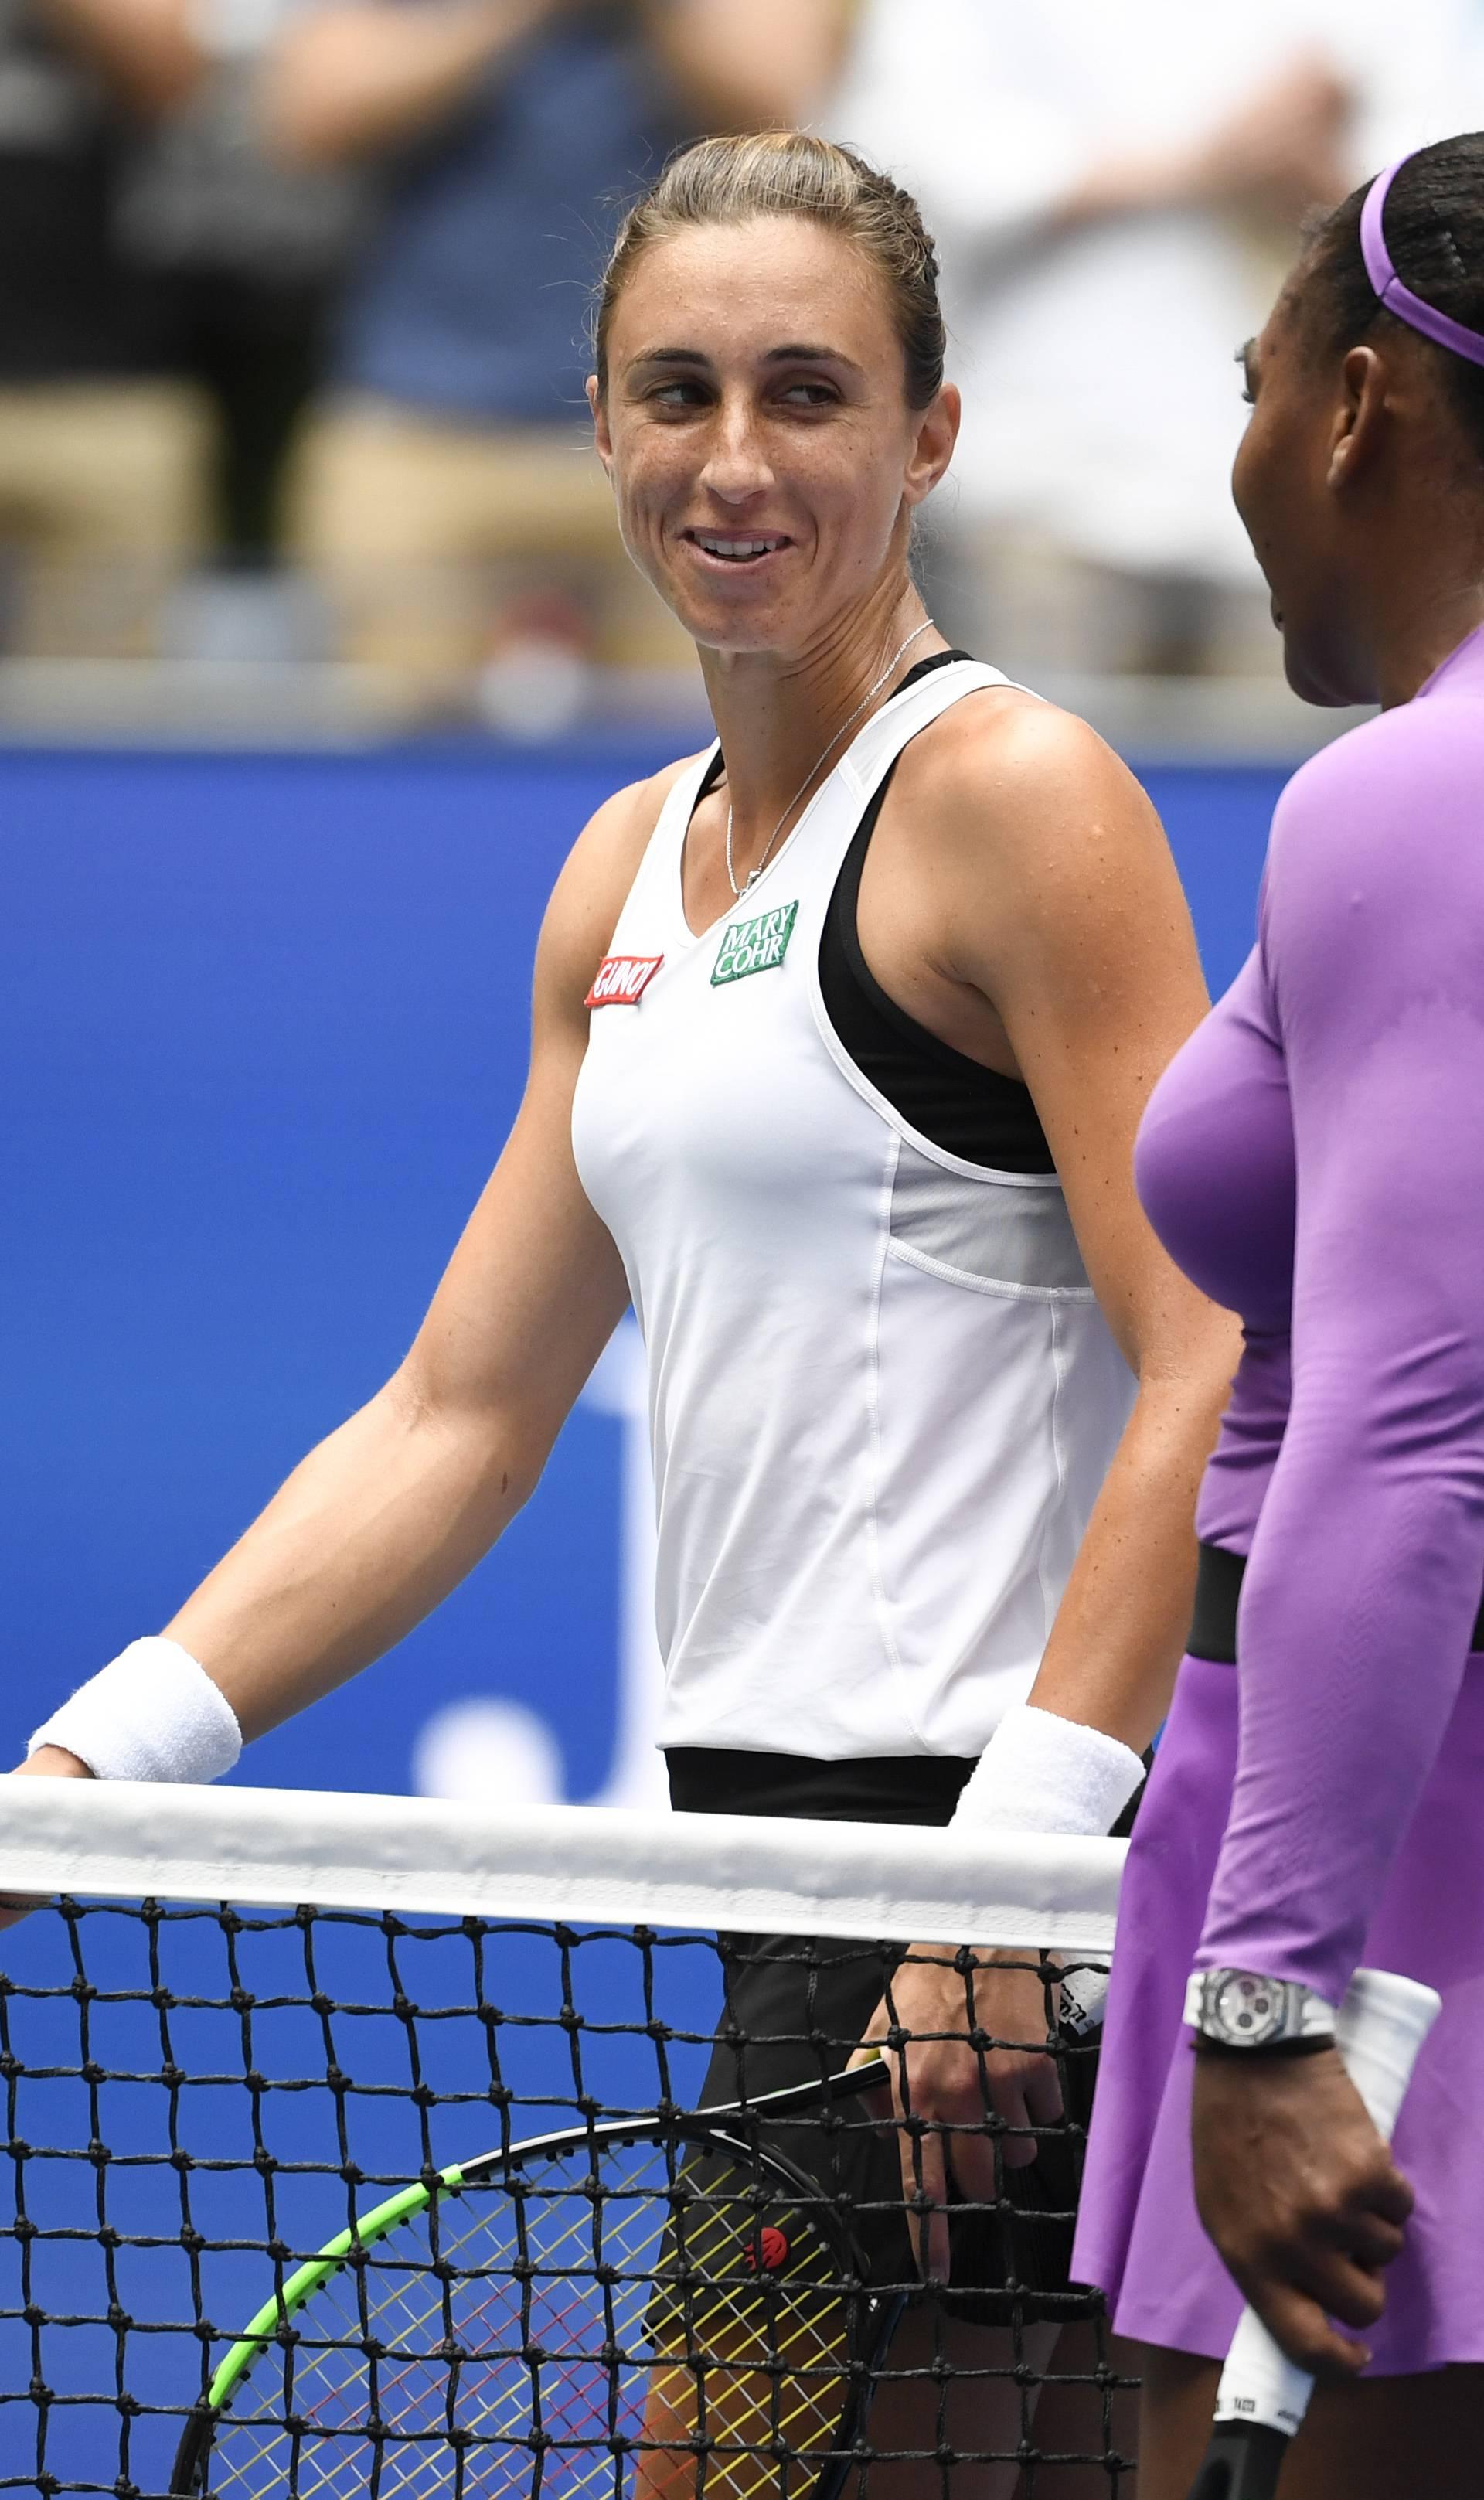 Serena ipak prejaka: Martić je ispala u 1/8 finala US Opena